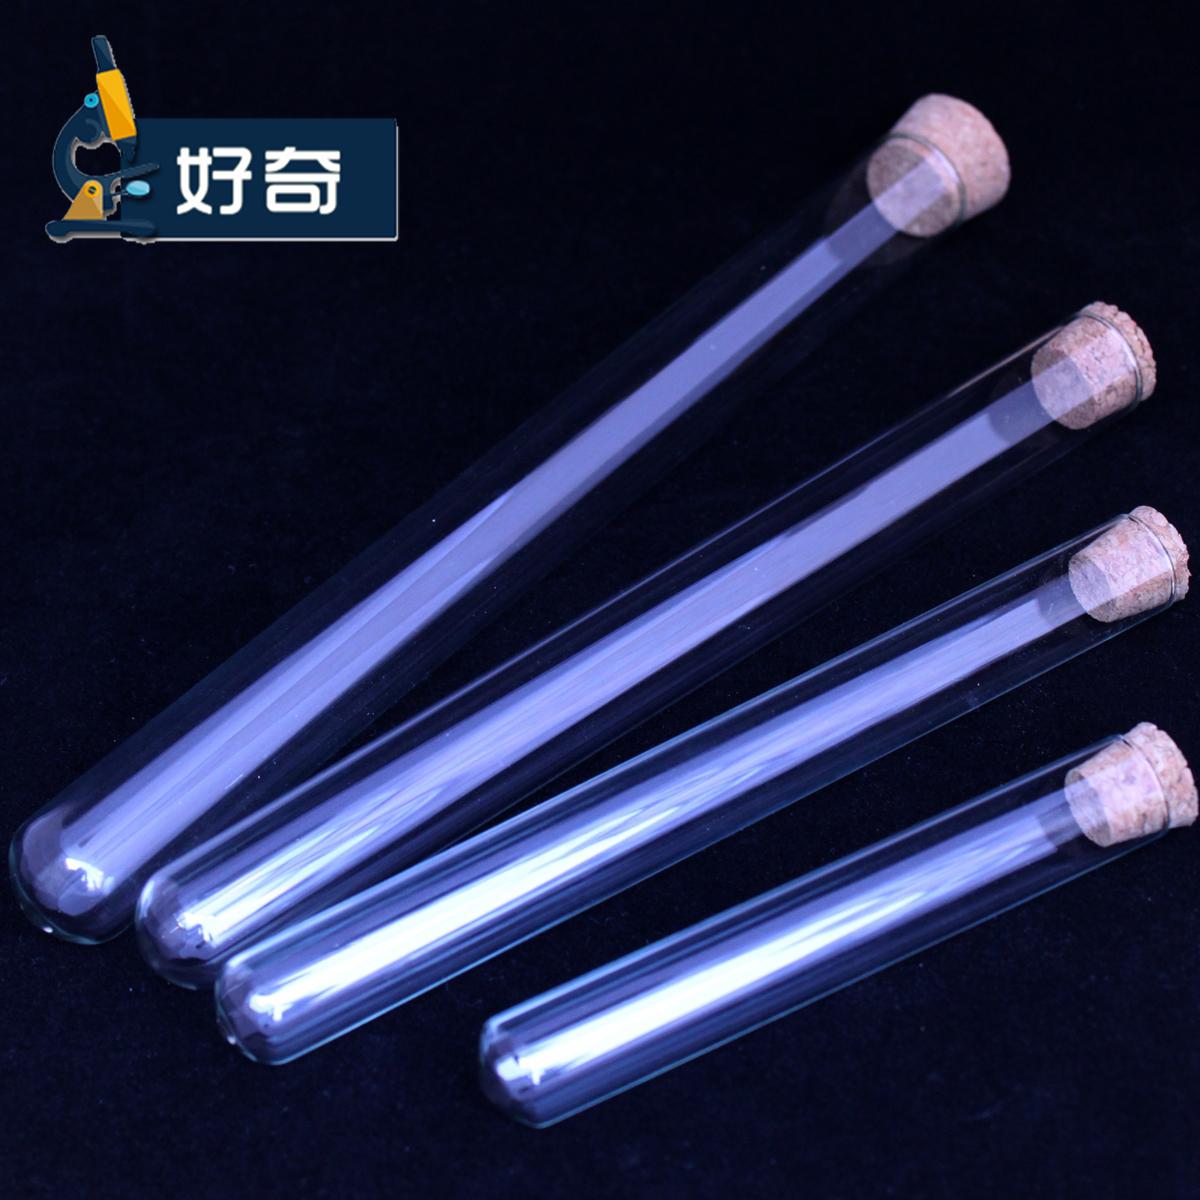 圆底试管 木塞耐高温玻璃试管 15*150 2号一只 实验仪器 20ml带塞